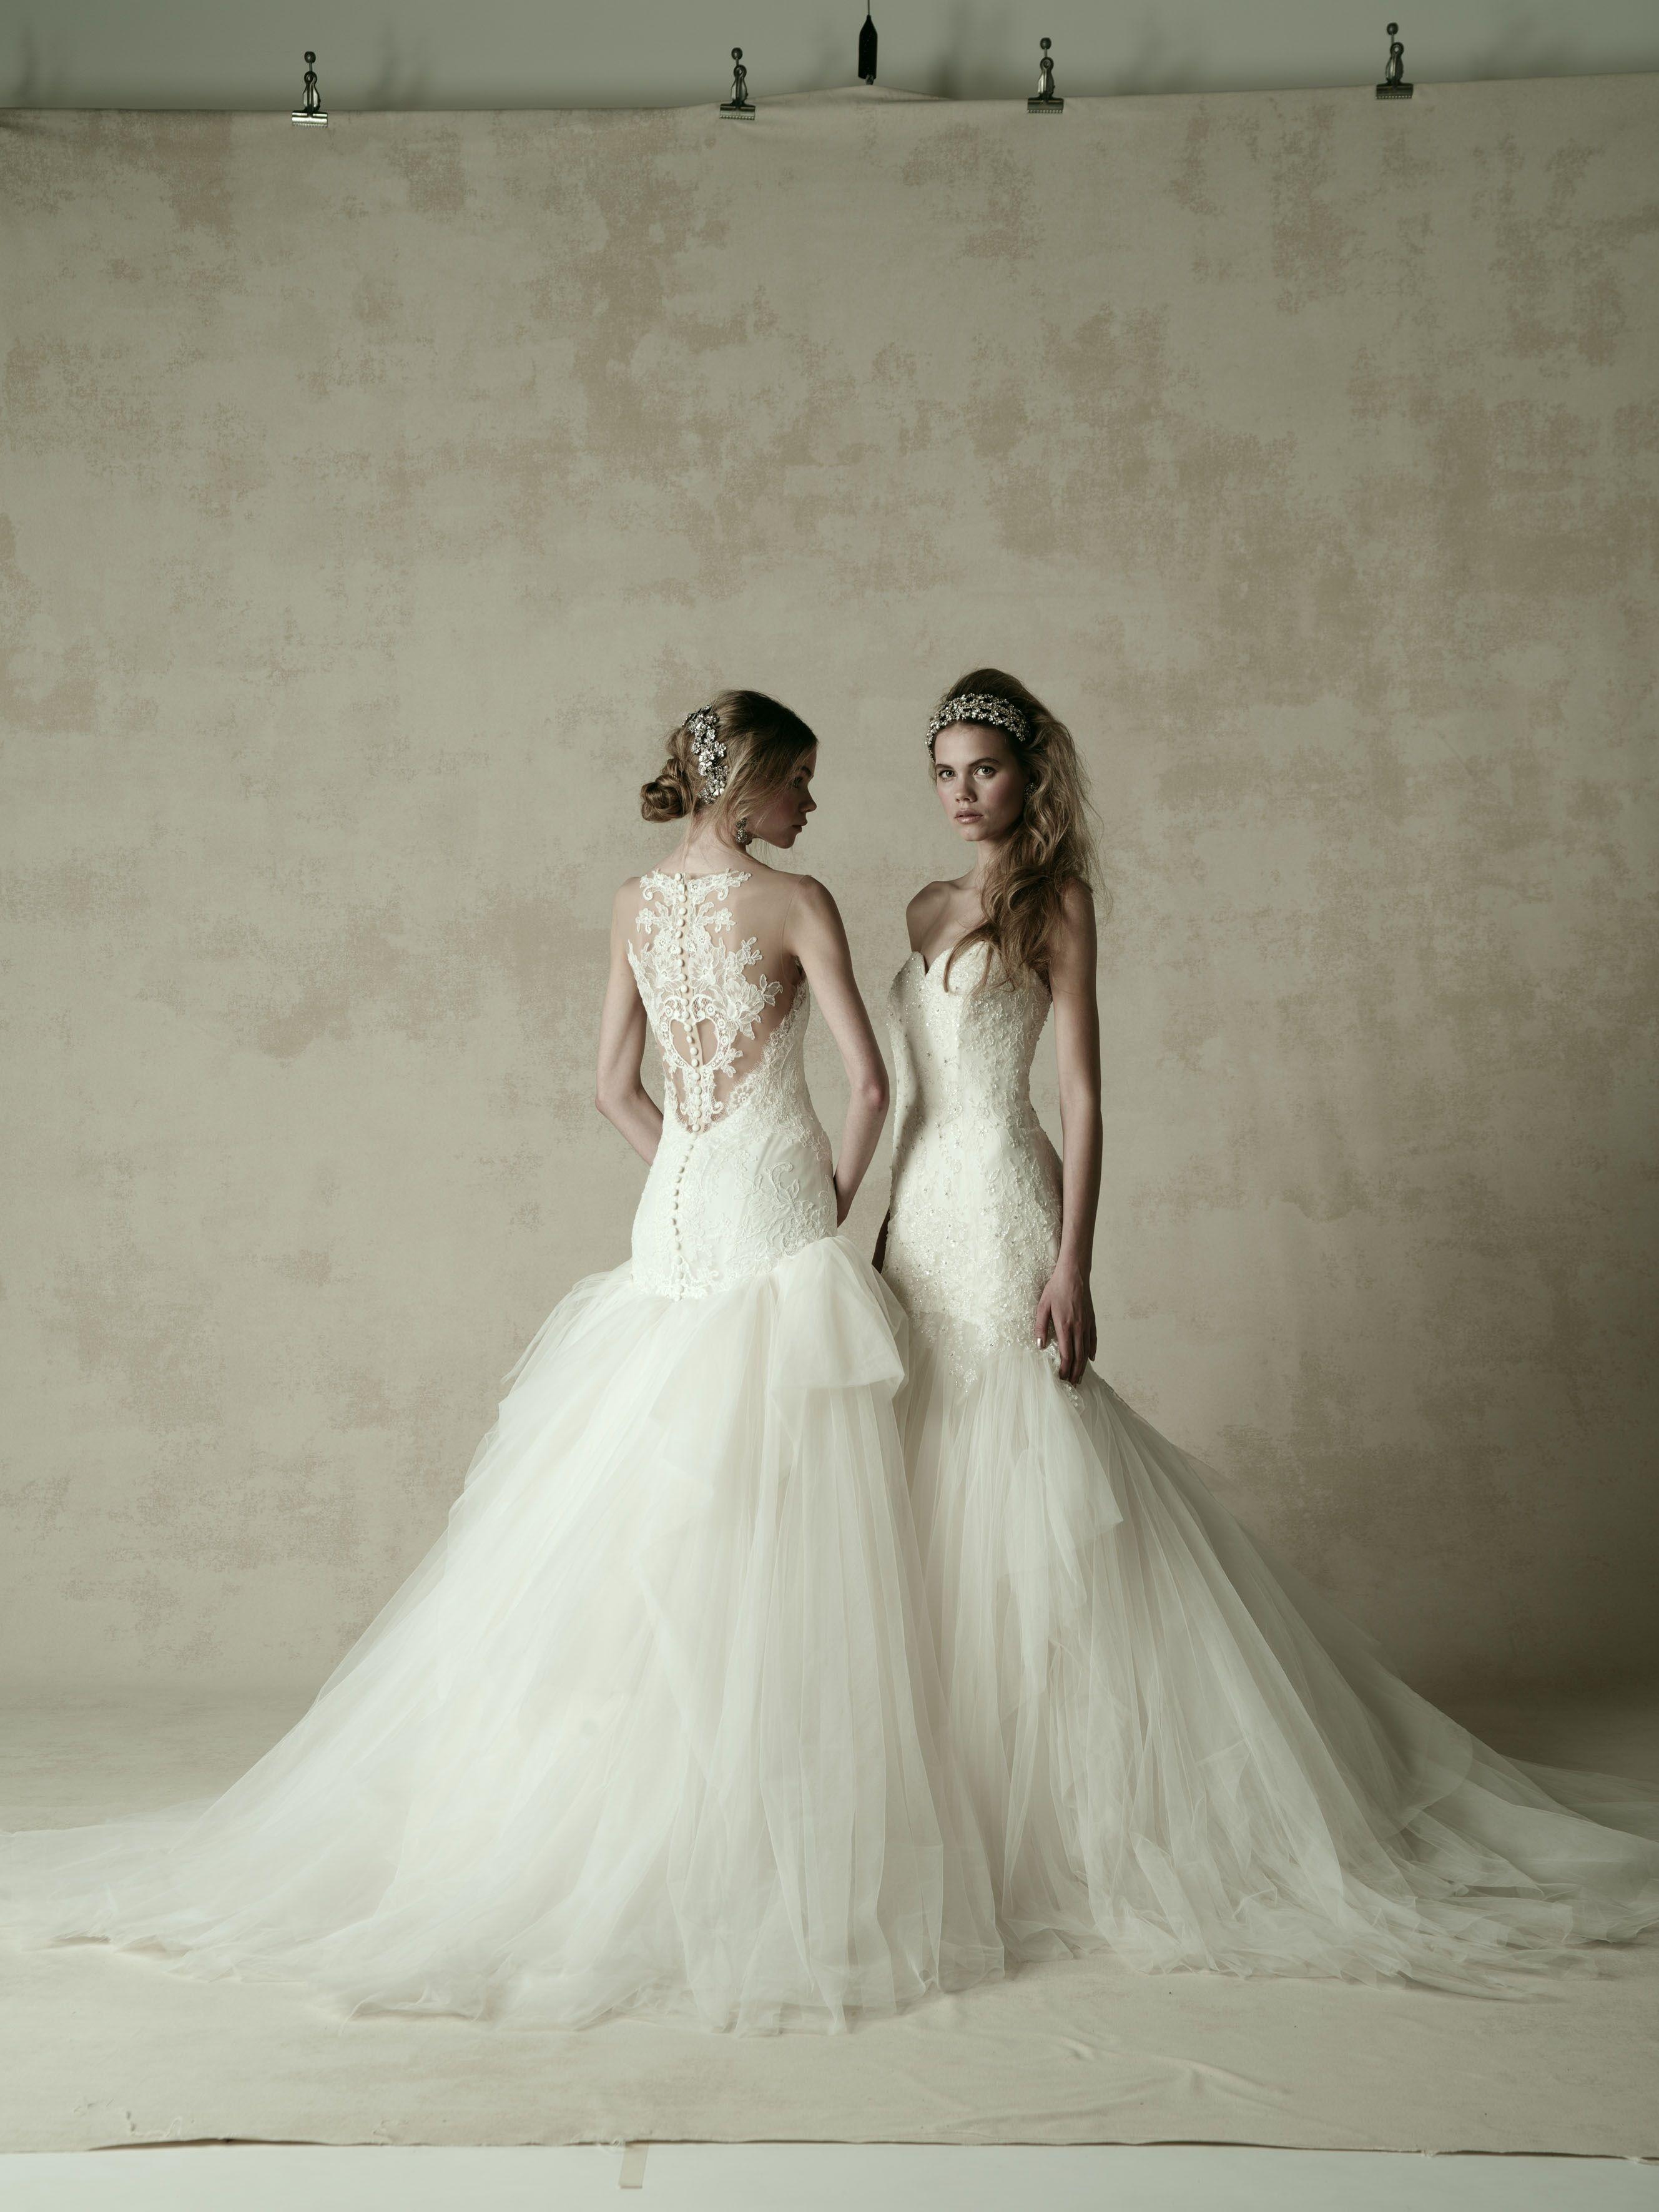 088378fe6f057 wedding dress ウエディングドレス KENNETH POOL 左)03-8850 右)03-8846 ...